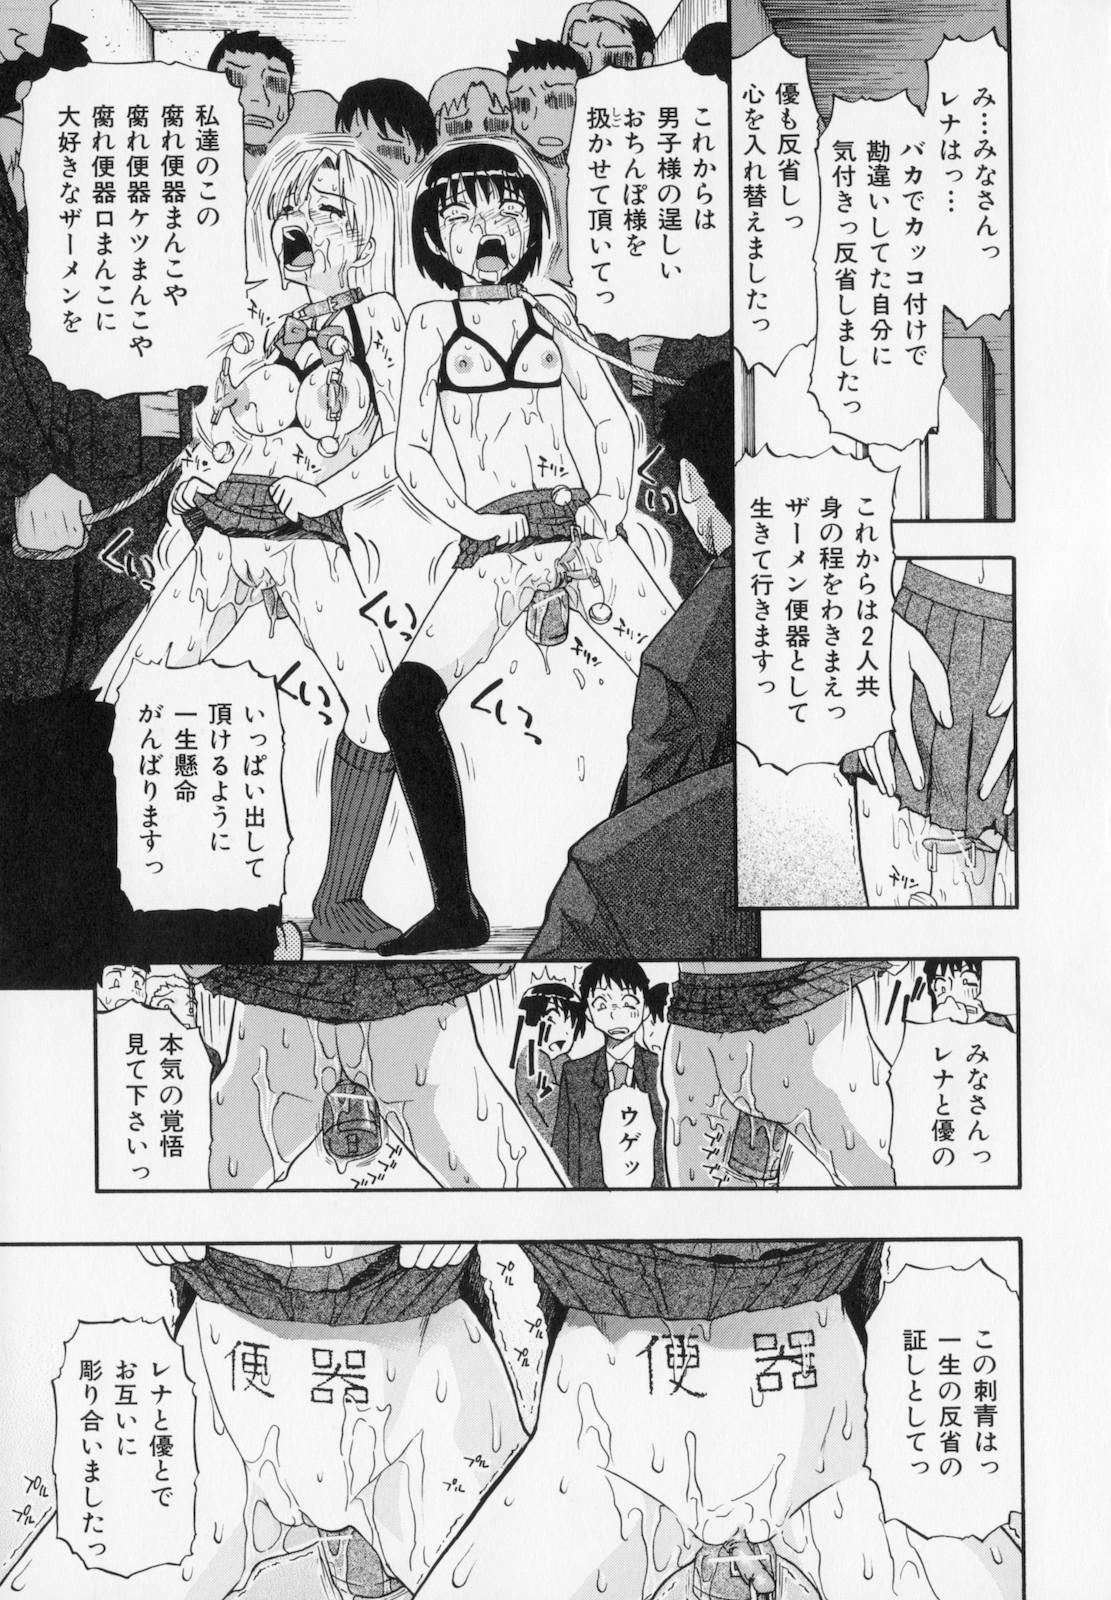 Hitodenashi no Utage - Veranstaltungsräume von Brute 112